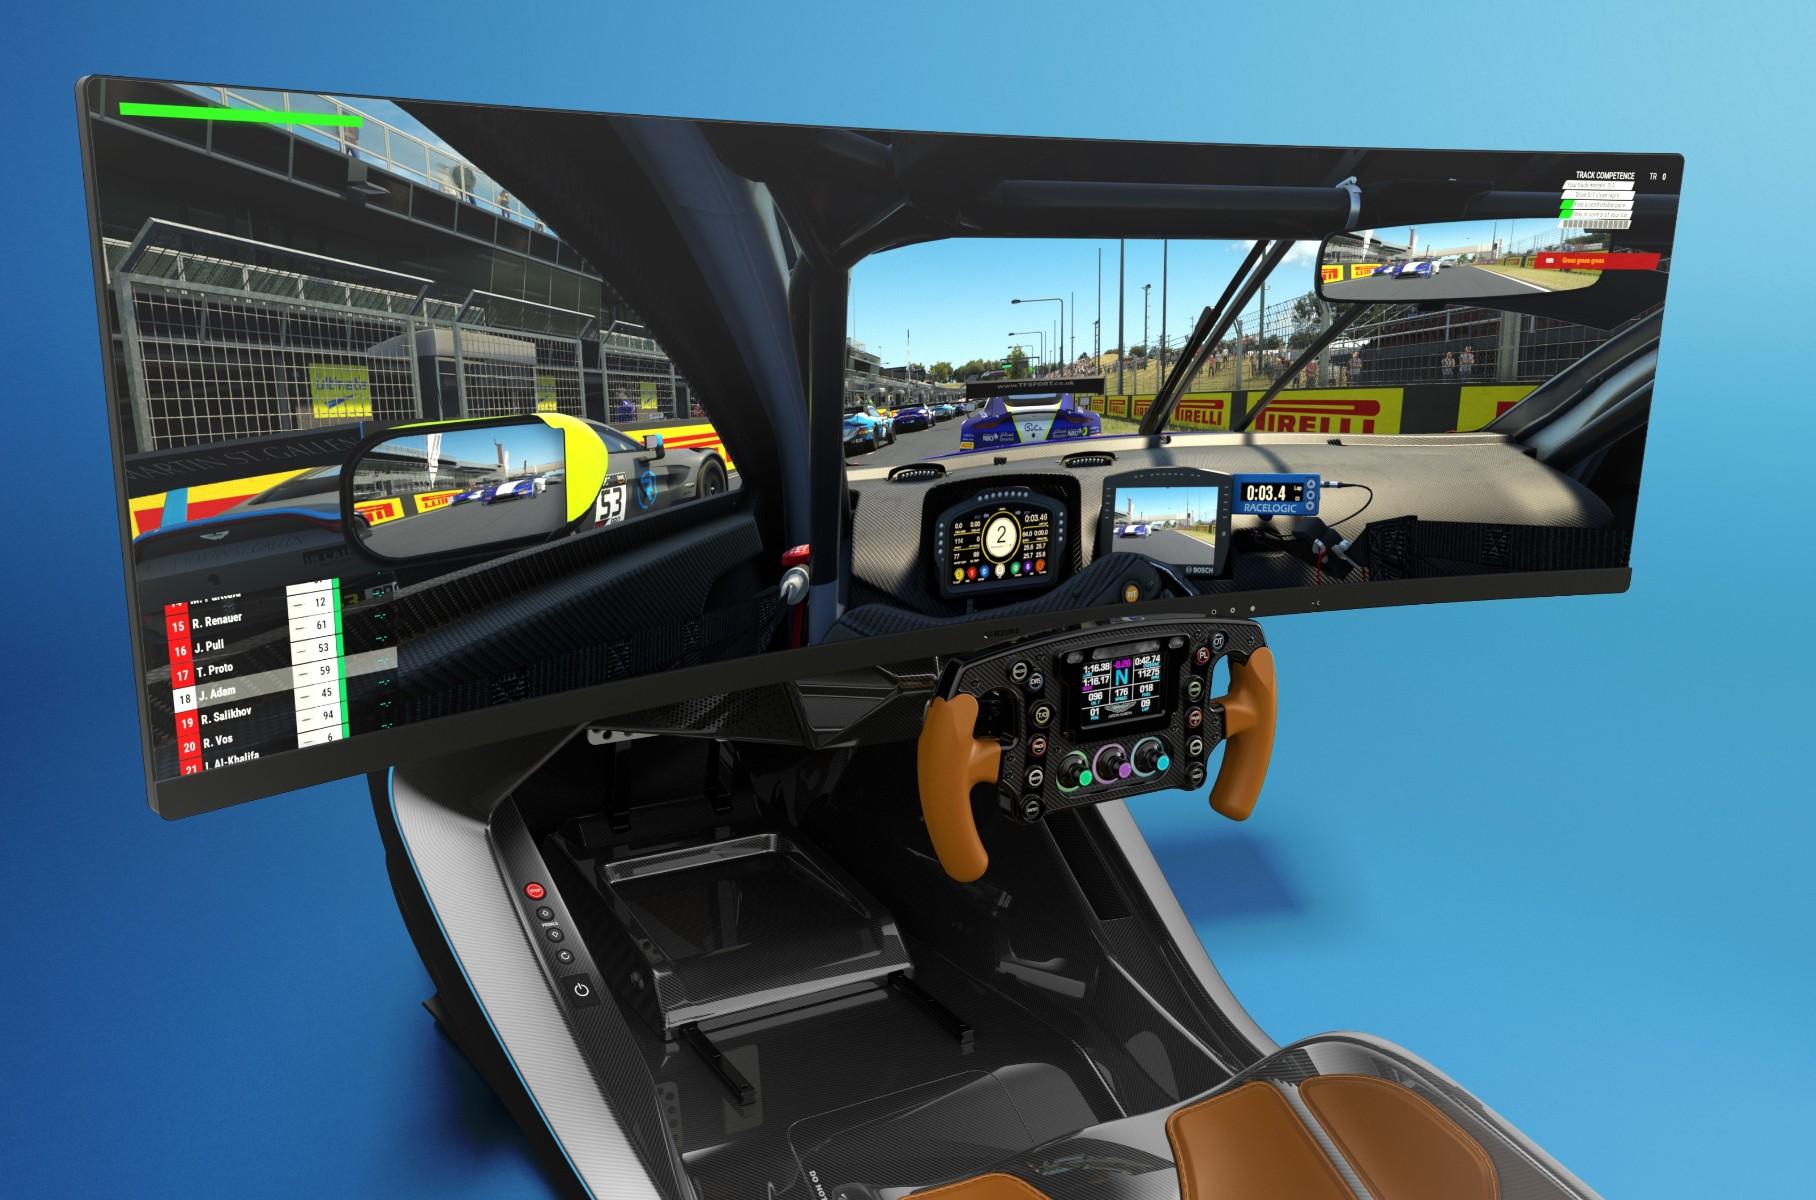 Фирма Aston Martin и студия Curv Racing Simulators раскрыли киберспортивный симулятор AMR-C01. Параметры новинки впечатляют, как и её стоимость.